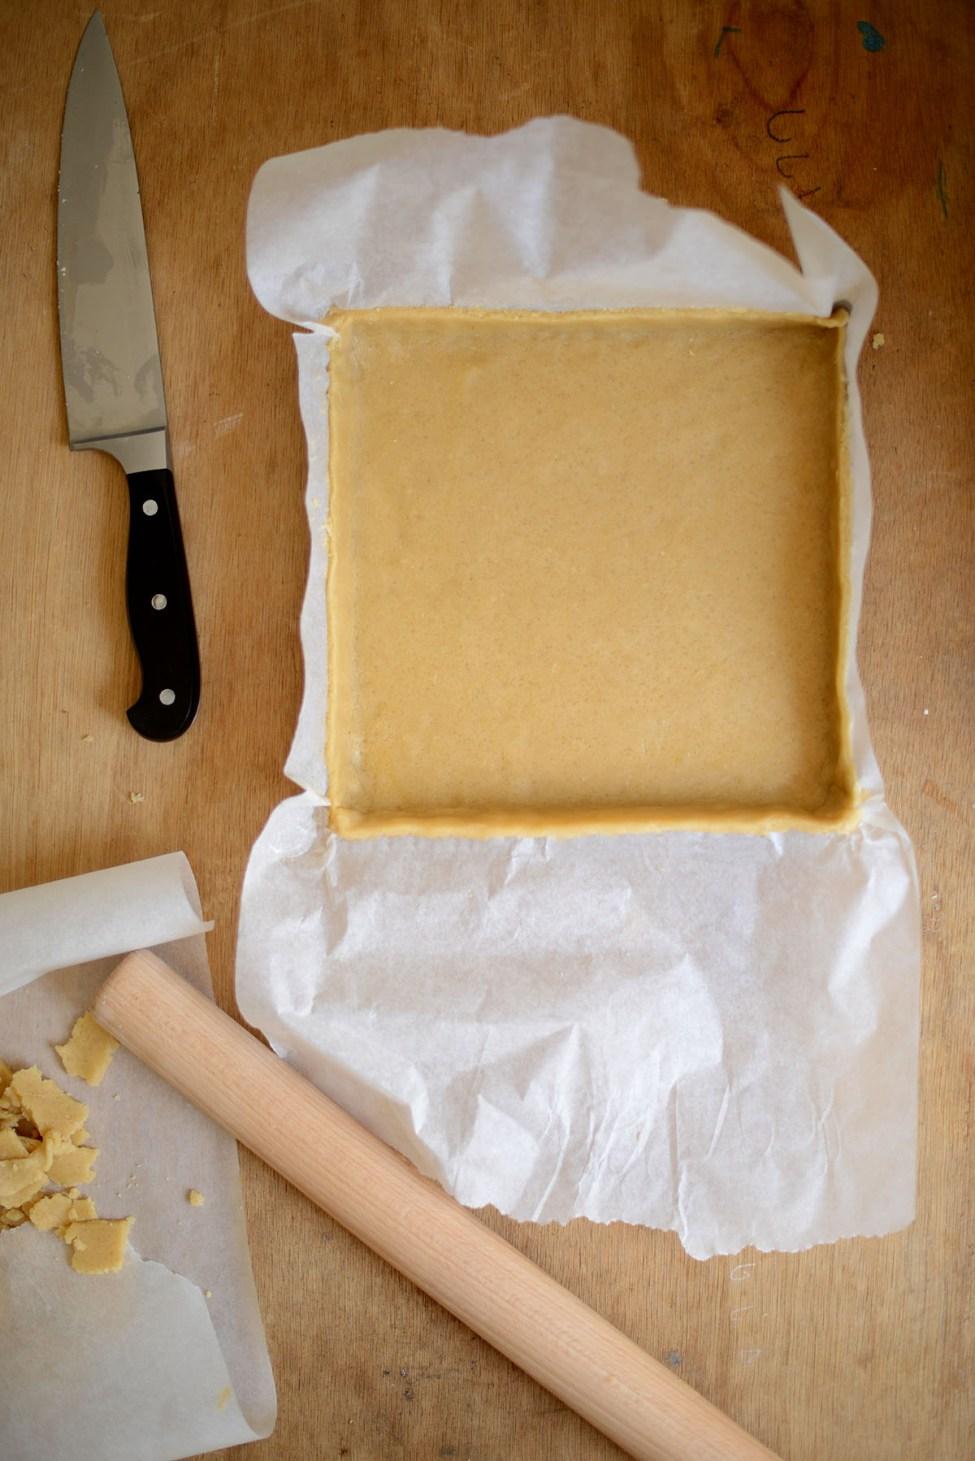 pate sucrée sans gluten et sans lactose